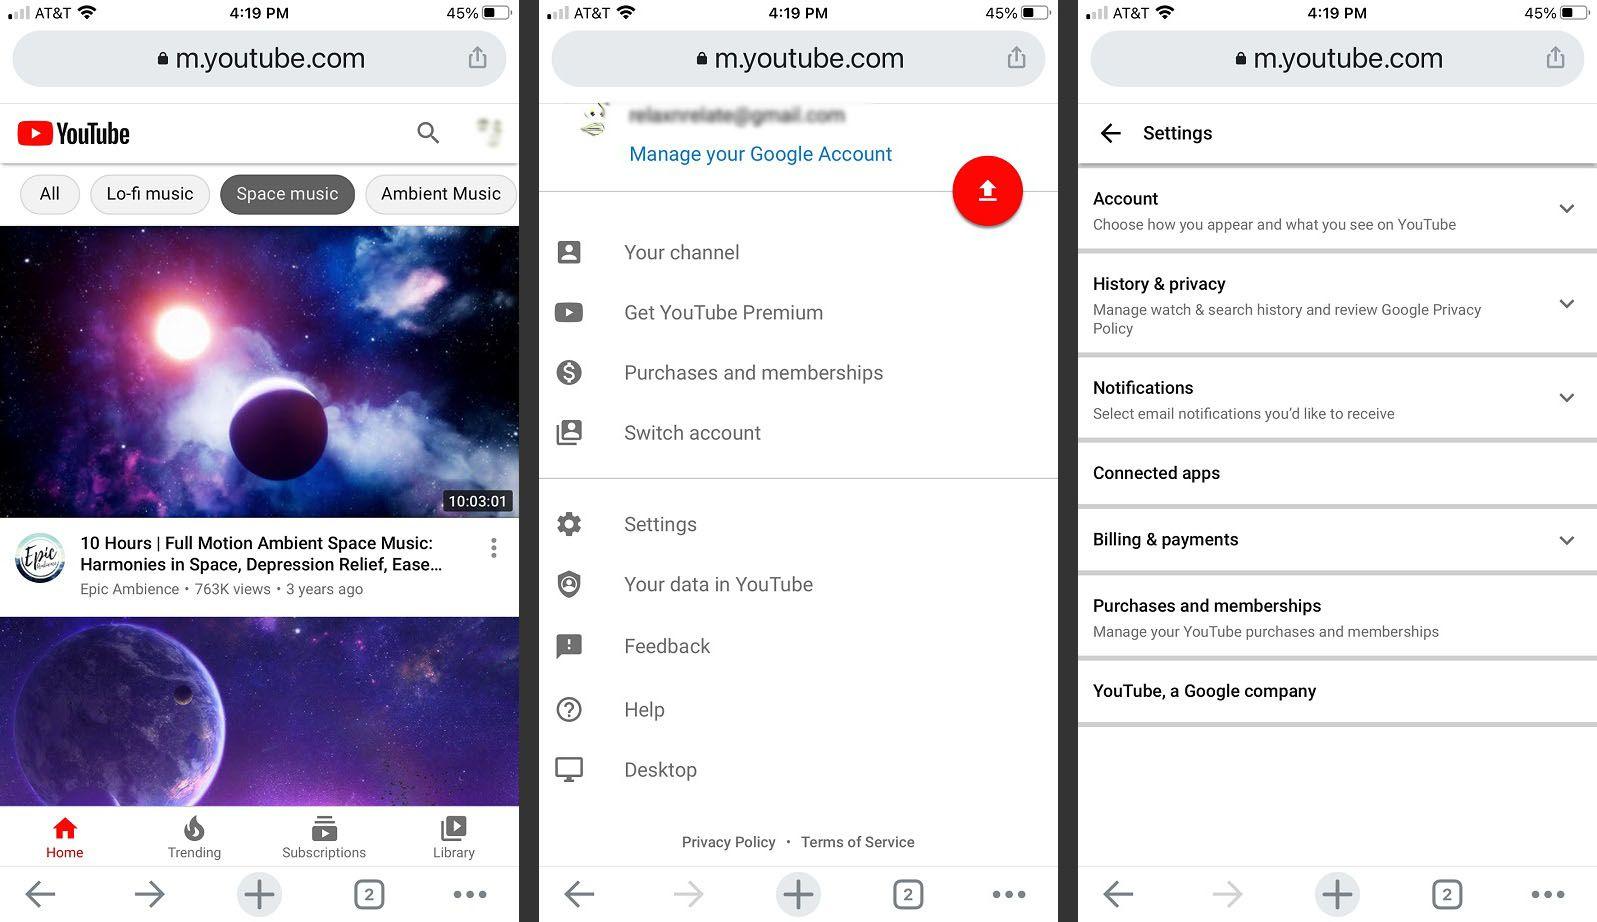 YouTube mobile website - Settings